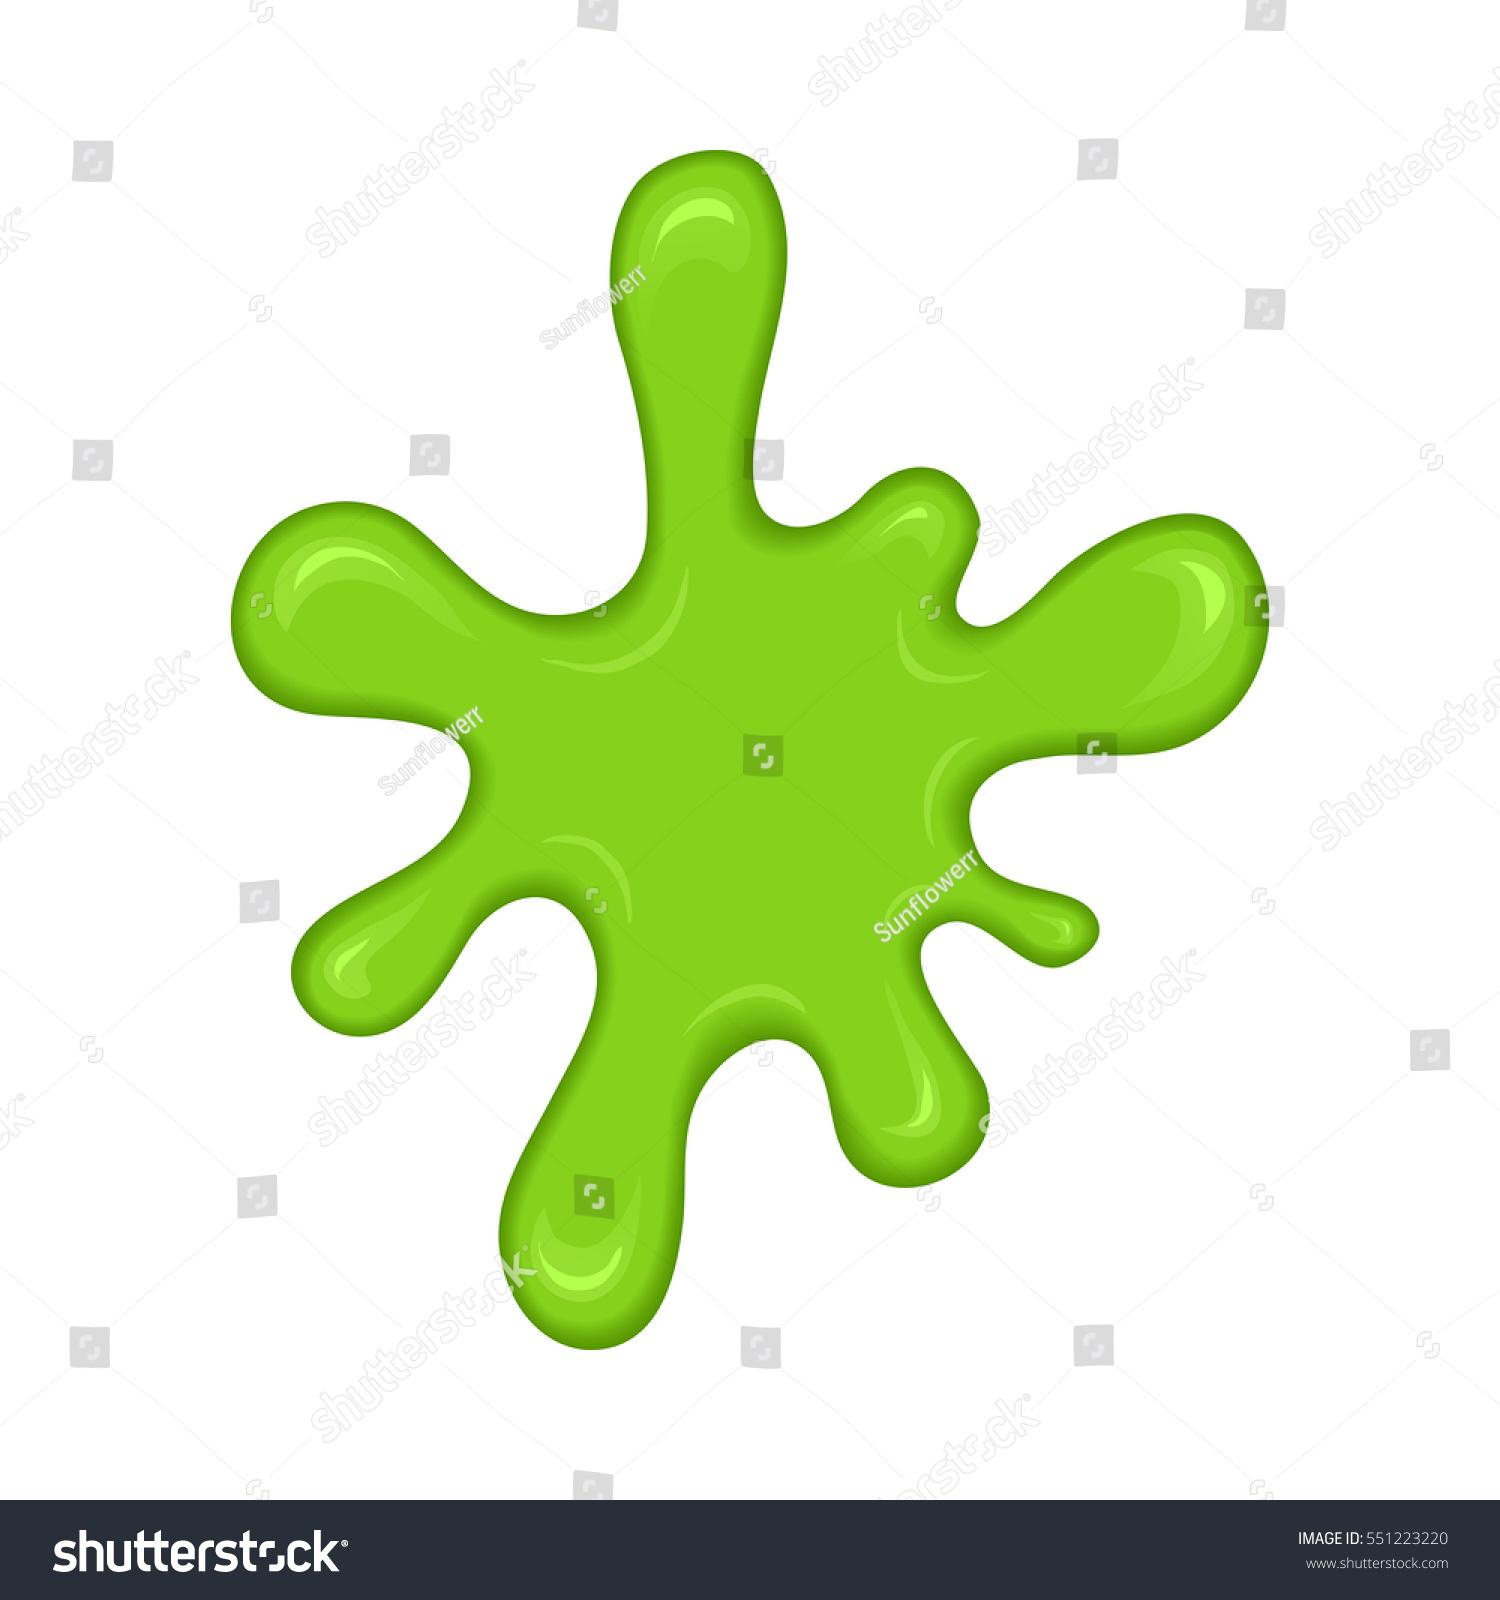 Green Slime Splash Blot Slime Blot Isolated On White Background